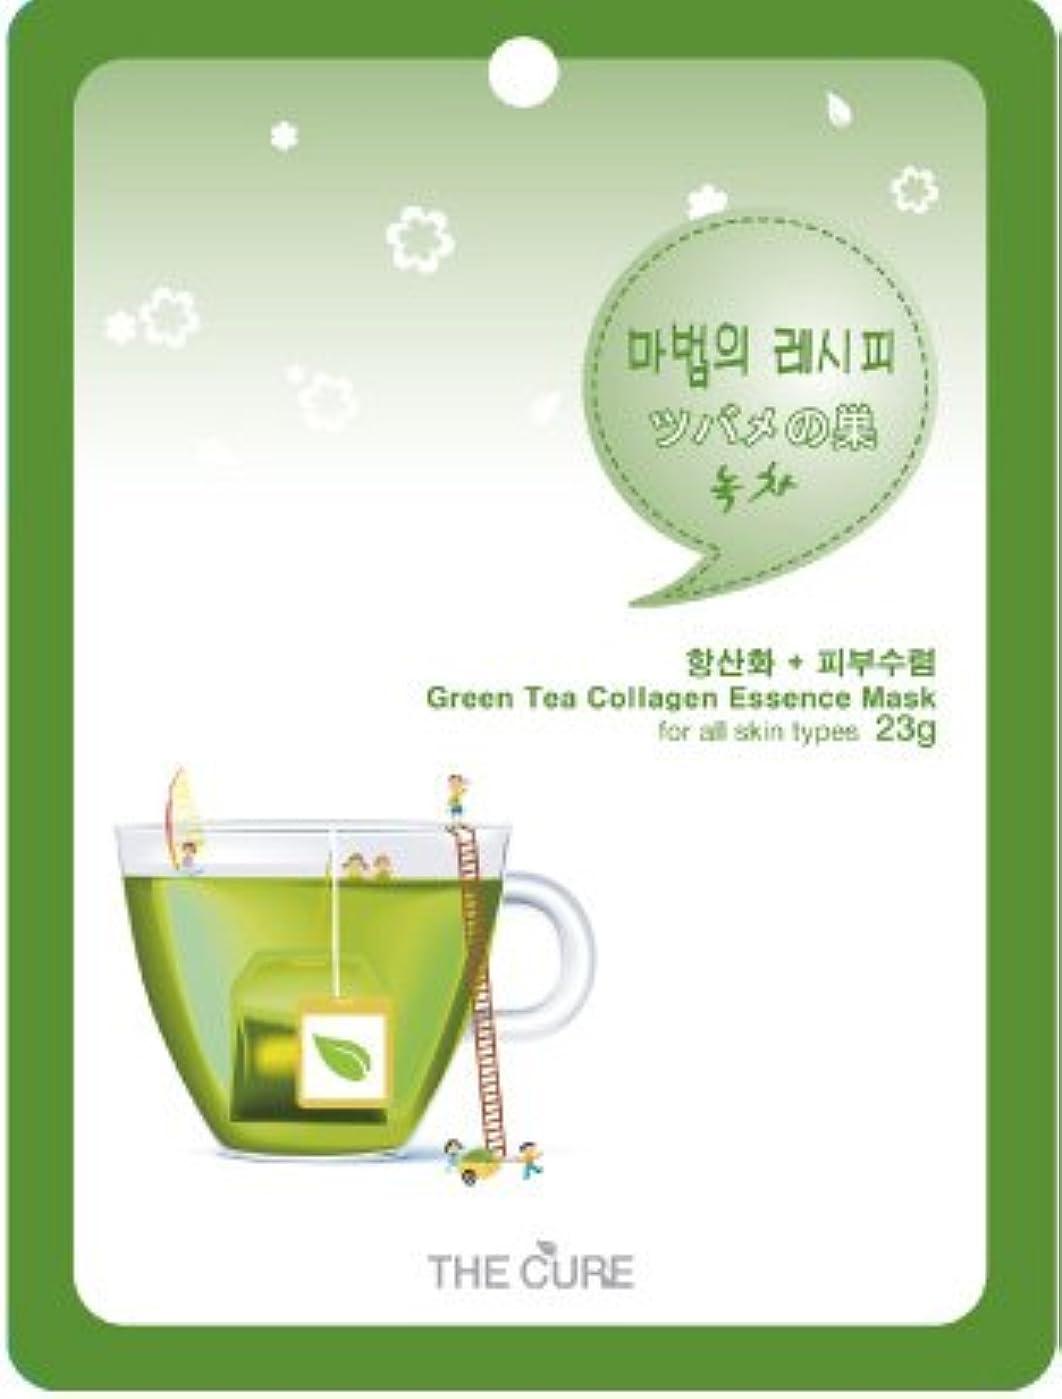 リップセールスマン卵緑茶 コラーゲン エッセンス マスク THE CURE シート パック 10枚セット 韓国 コスメ 乾燥肌 オイリー肌 混合肌